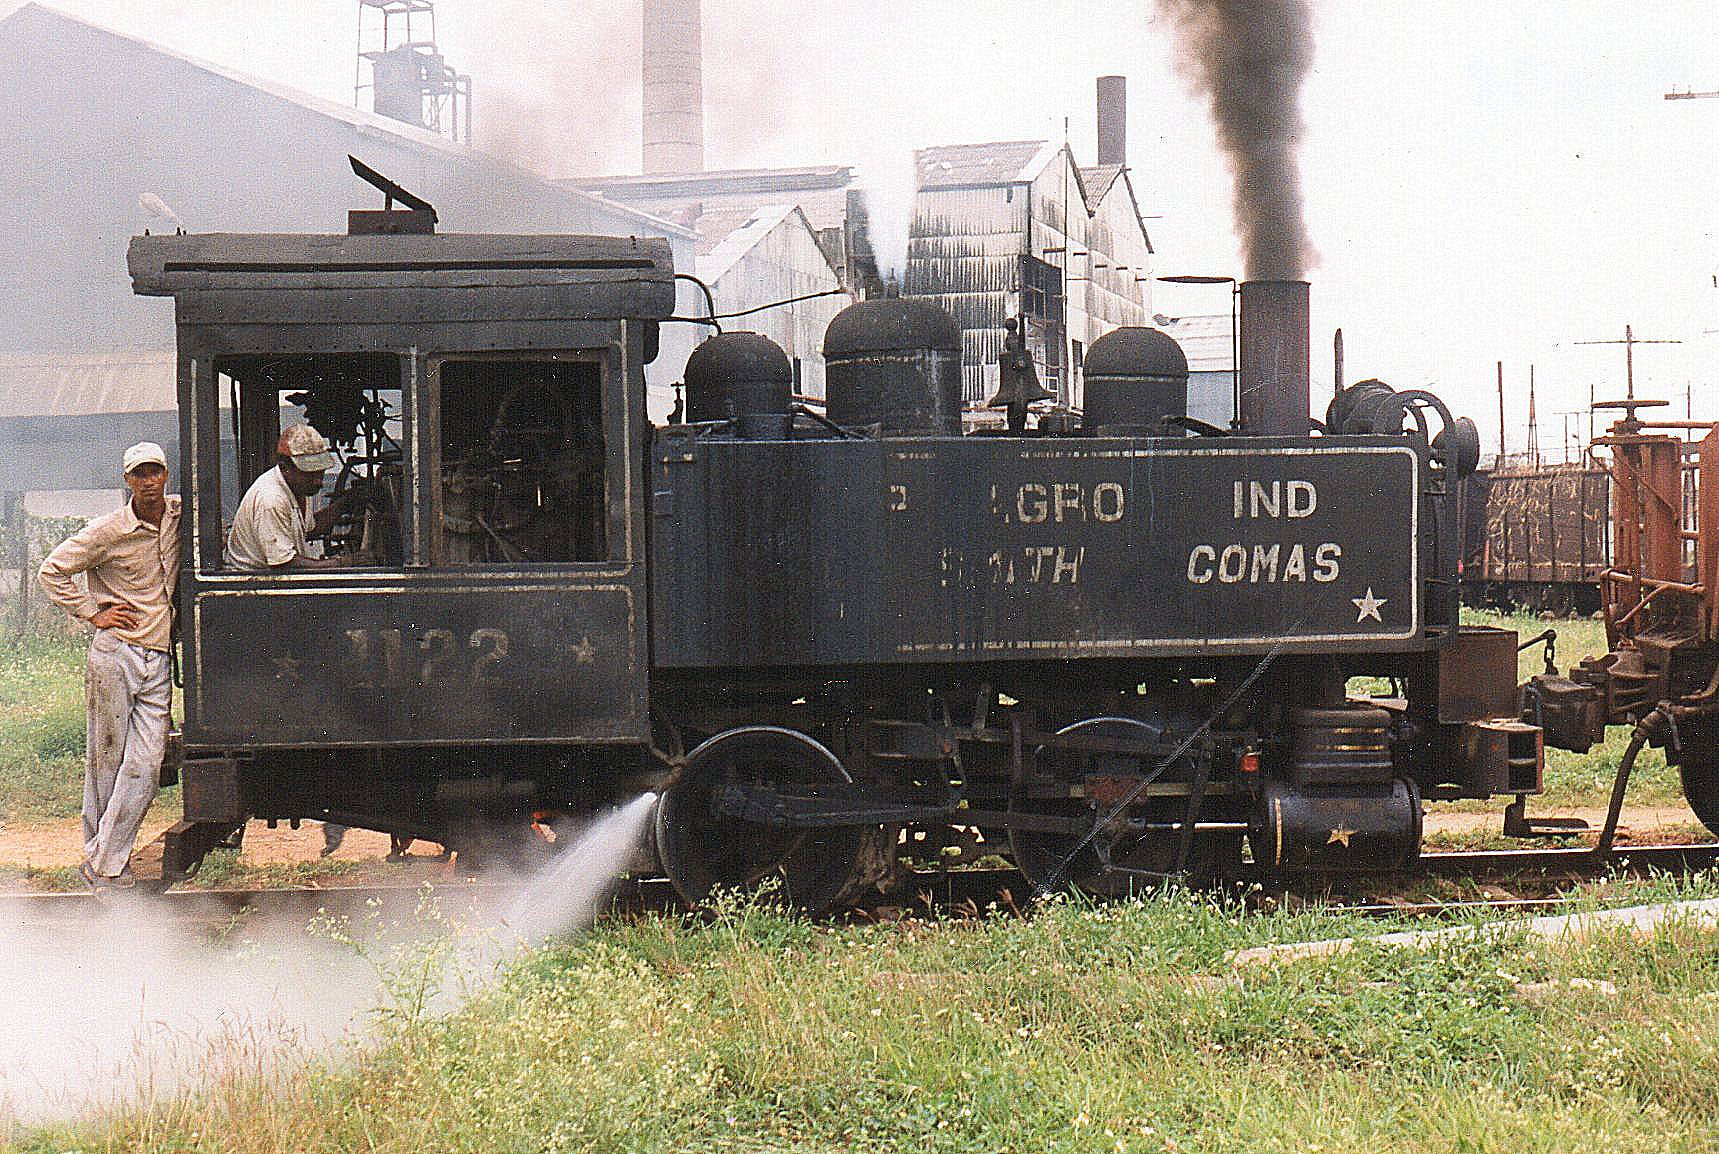 CAI 315 Jose Smith Conas 1122, Porter 4437/1909. Den eneste B-koblede damprangermaskine, jeg så. Vi er nu nær feriestedet Varadero.